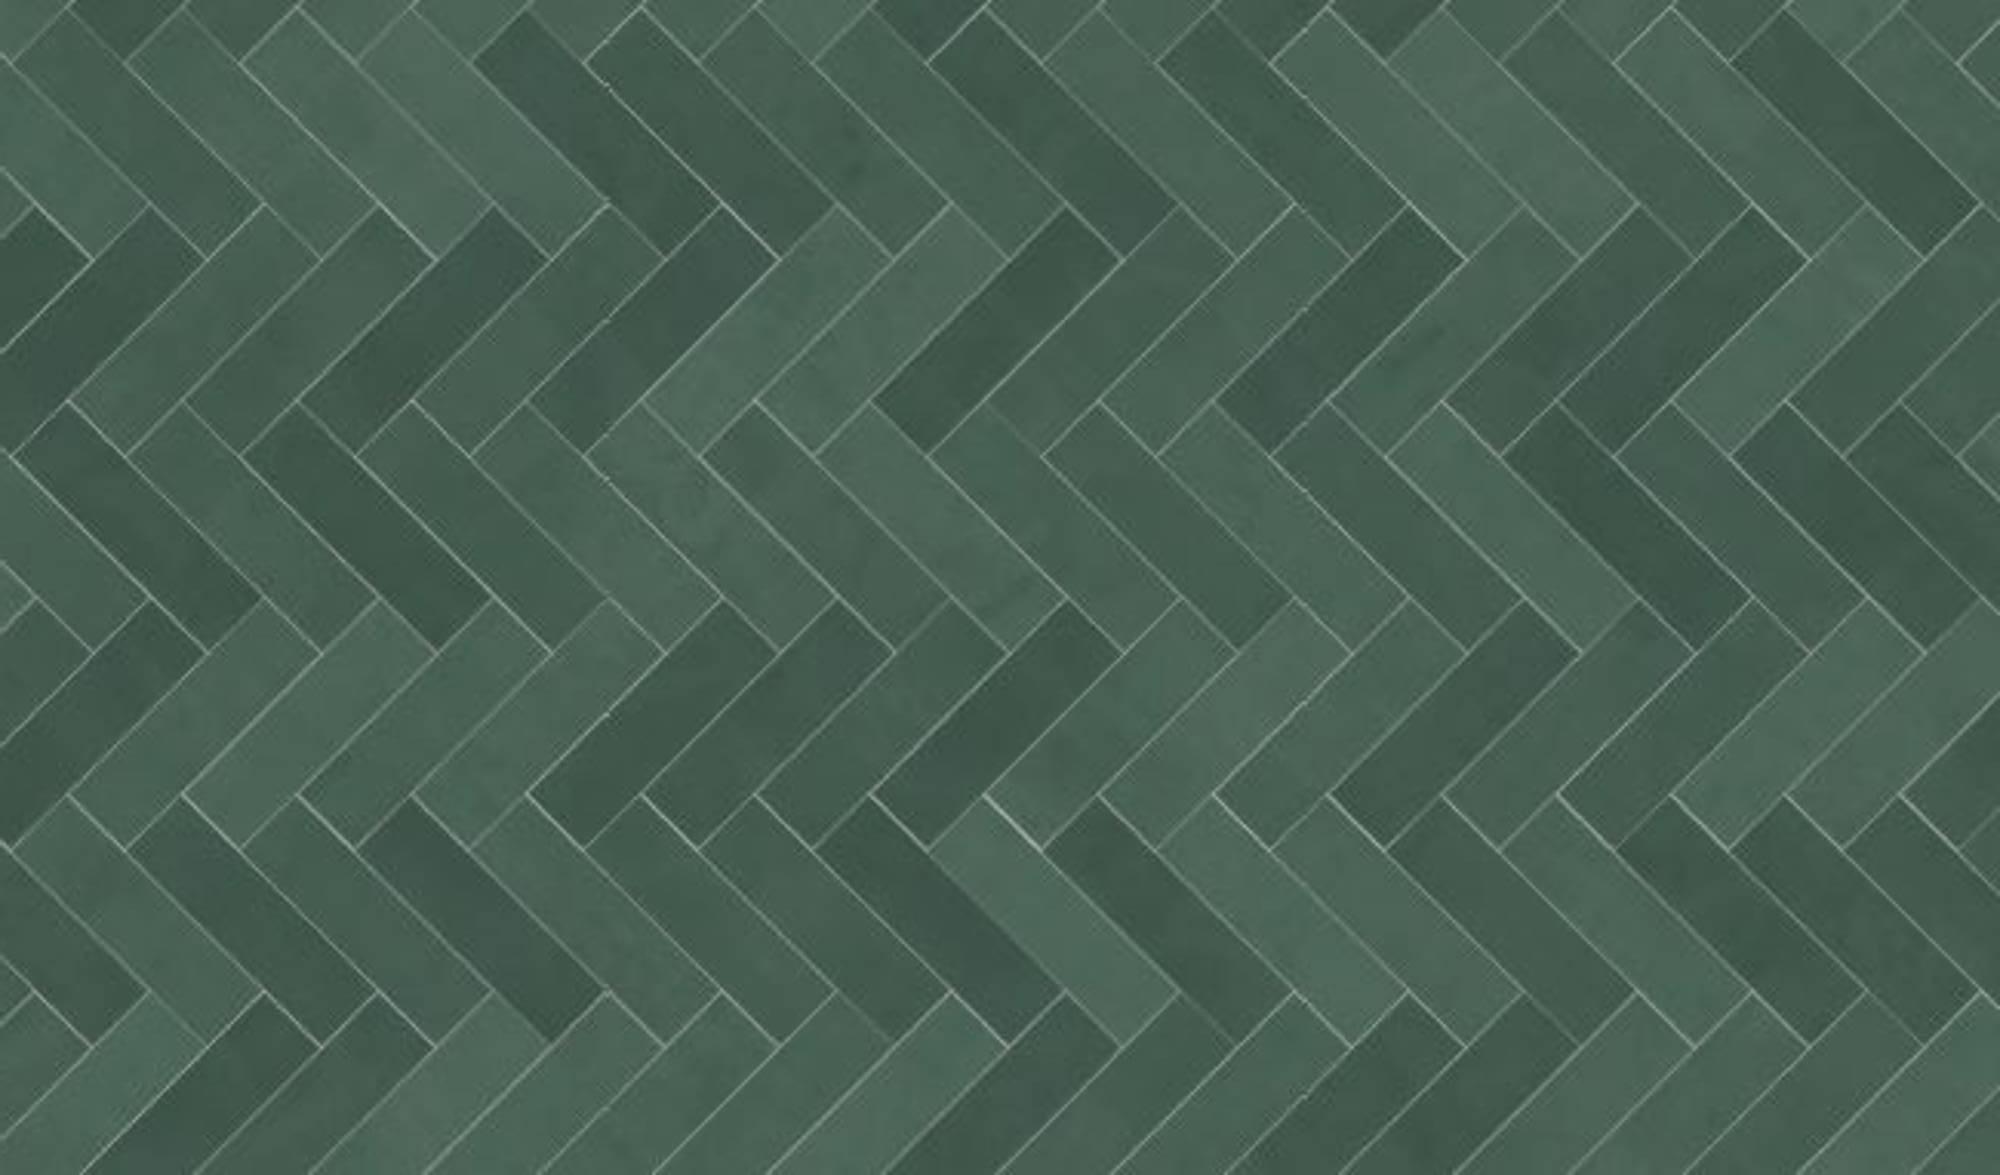 Duschprofi RenoDeco Designpaneel 100x255 cm Visgraat Groen